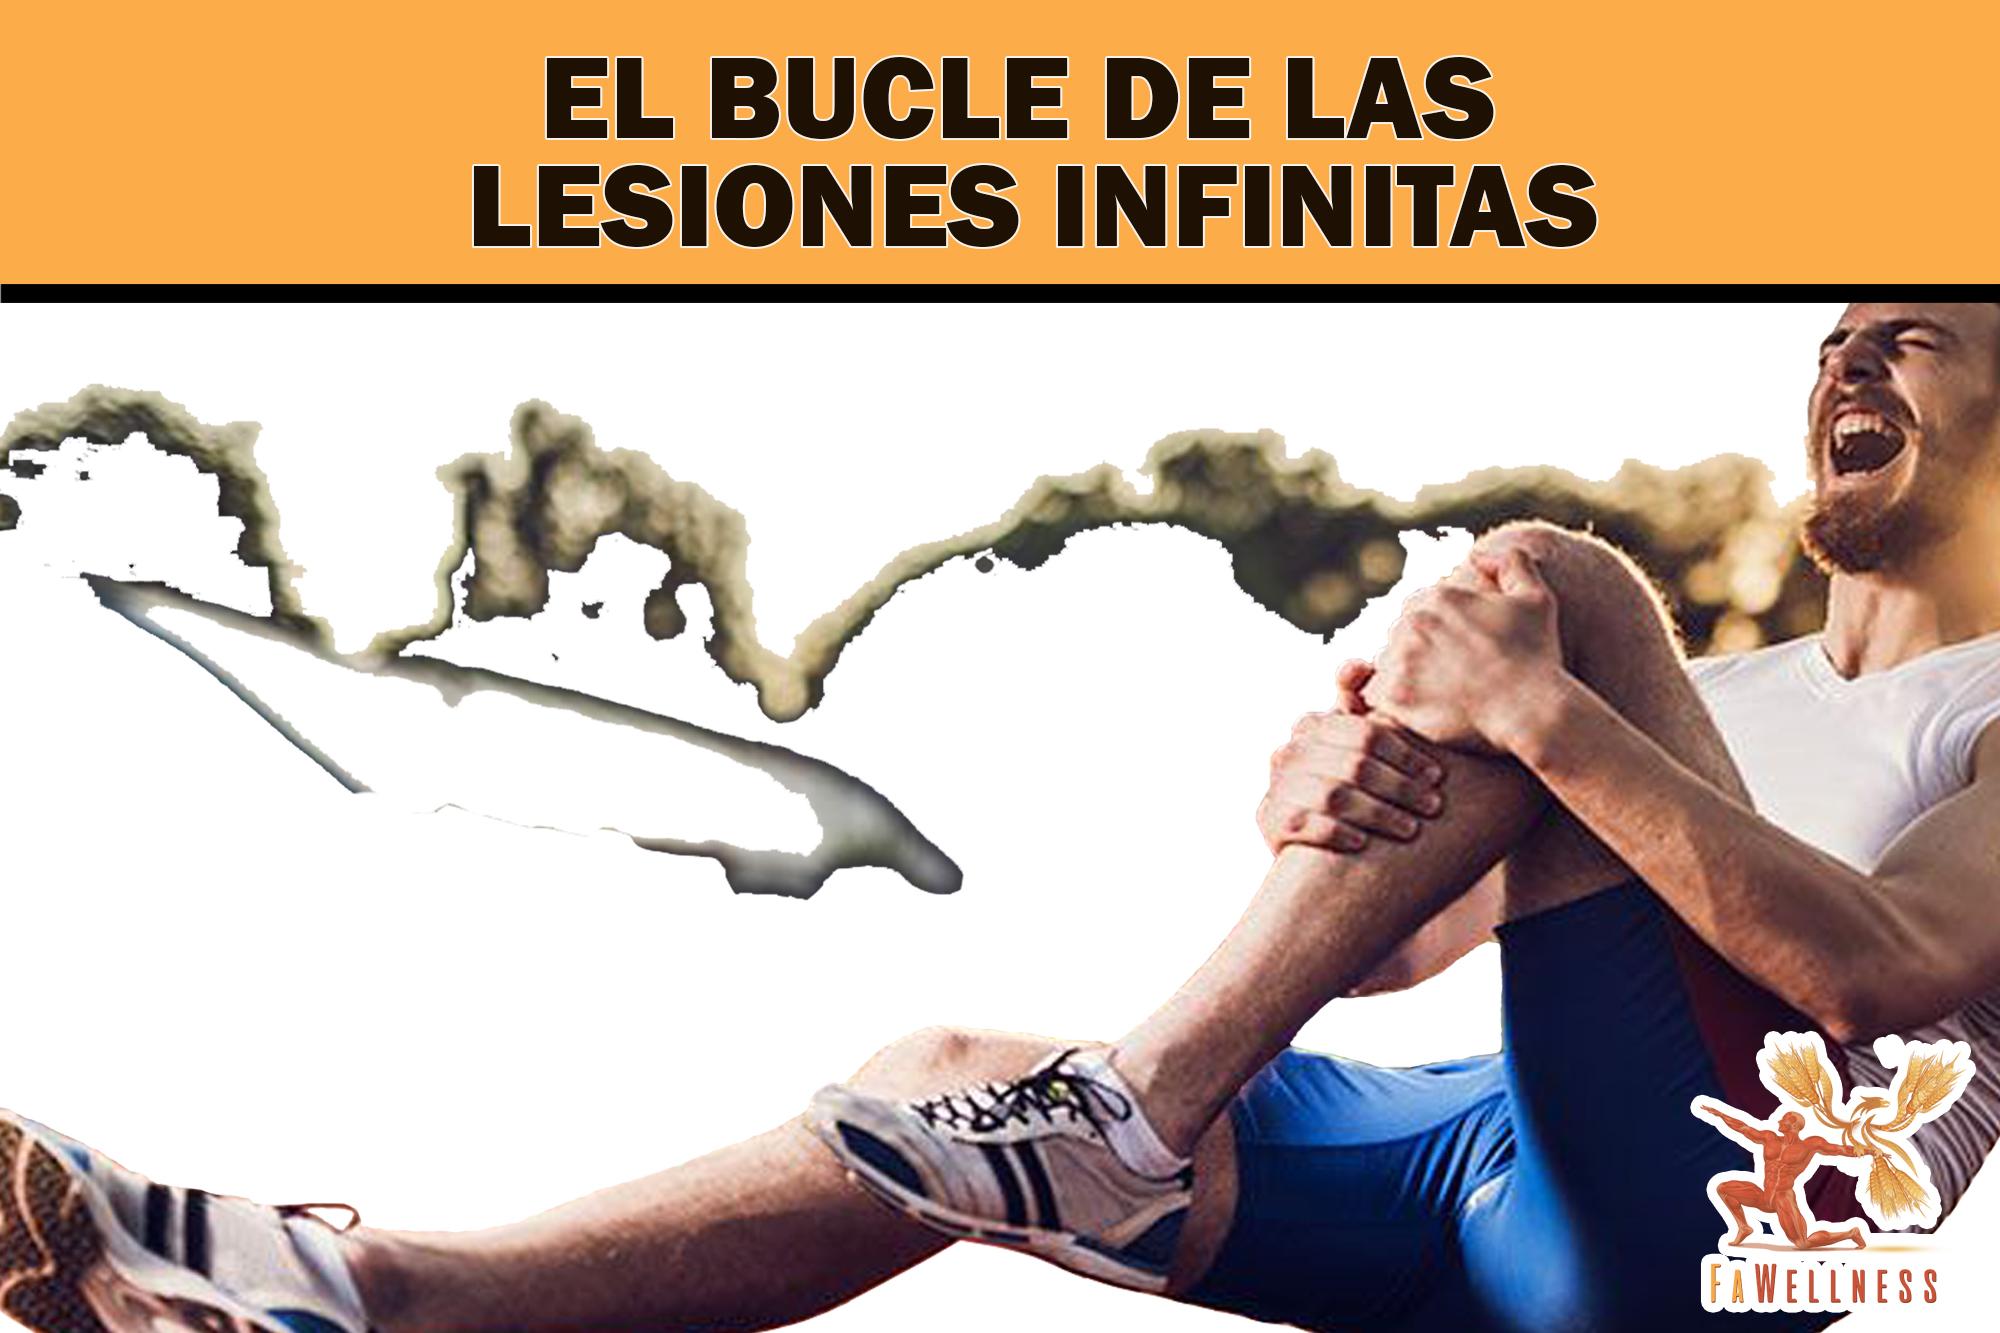 imagen blog FaWellness | EL BUCLE DE LAS LESIONES INFINITAS